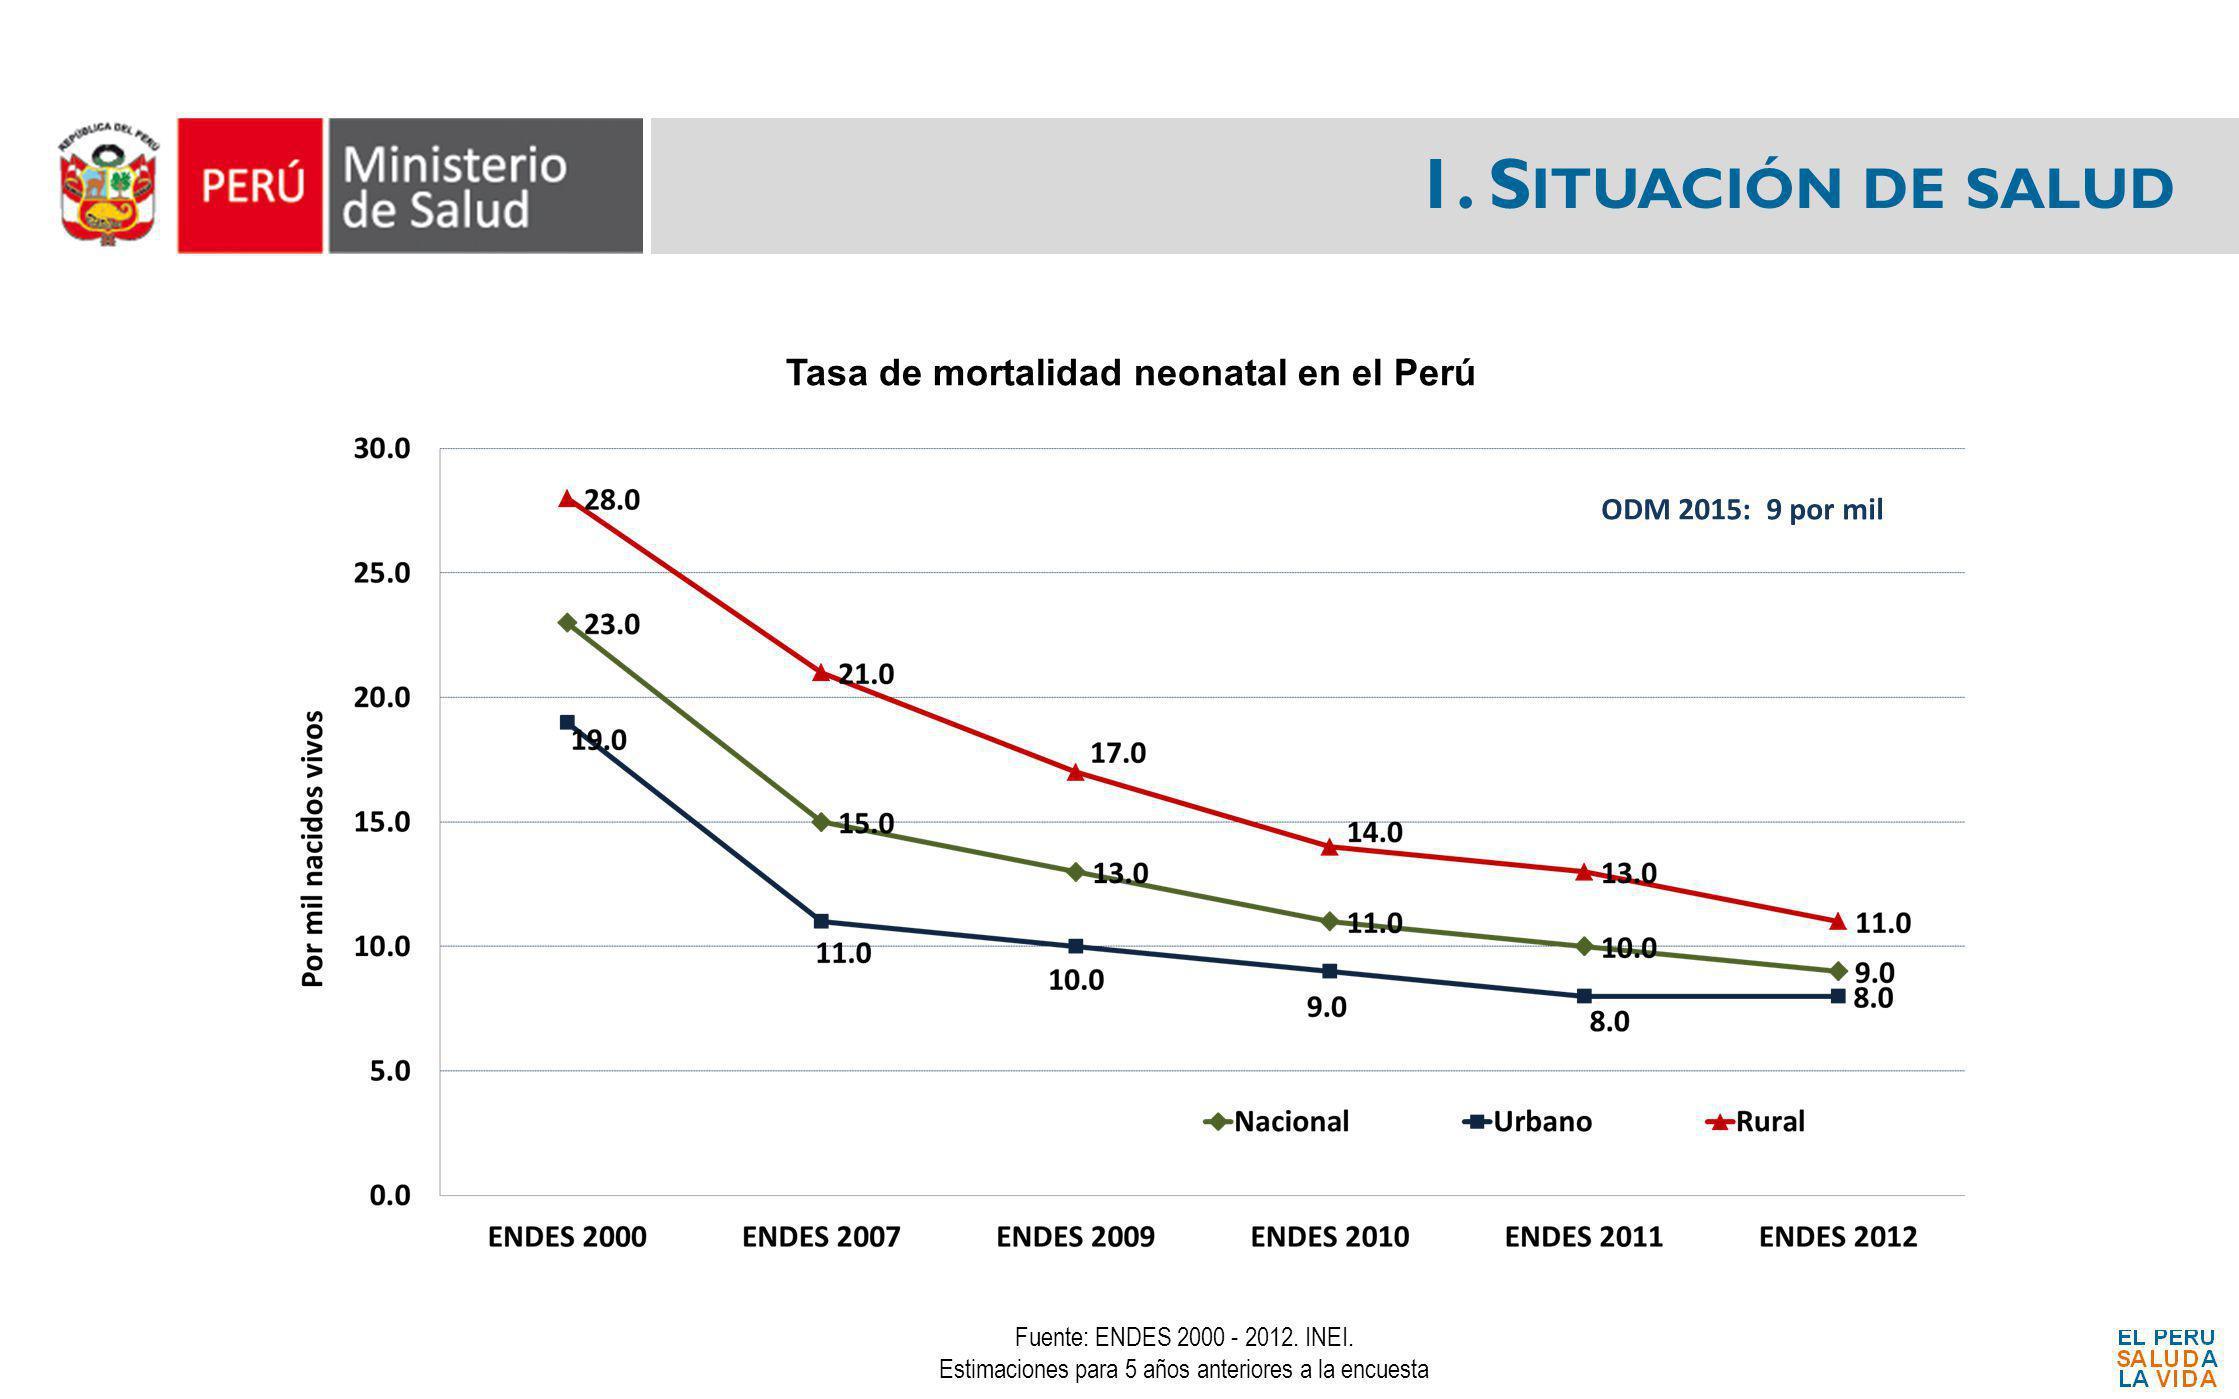 1. S ITUACIÓN DE SALUD Tasa de mortalidad neonatal en el Perú Fuente: ENDES 2000 - 2012. INEI. Estimaciones para 5 años anteriores a la encuesta ODM 2